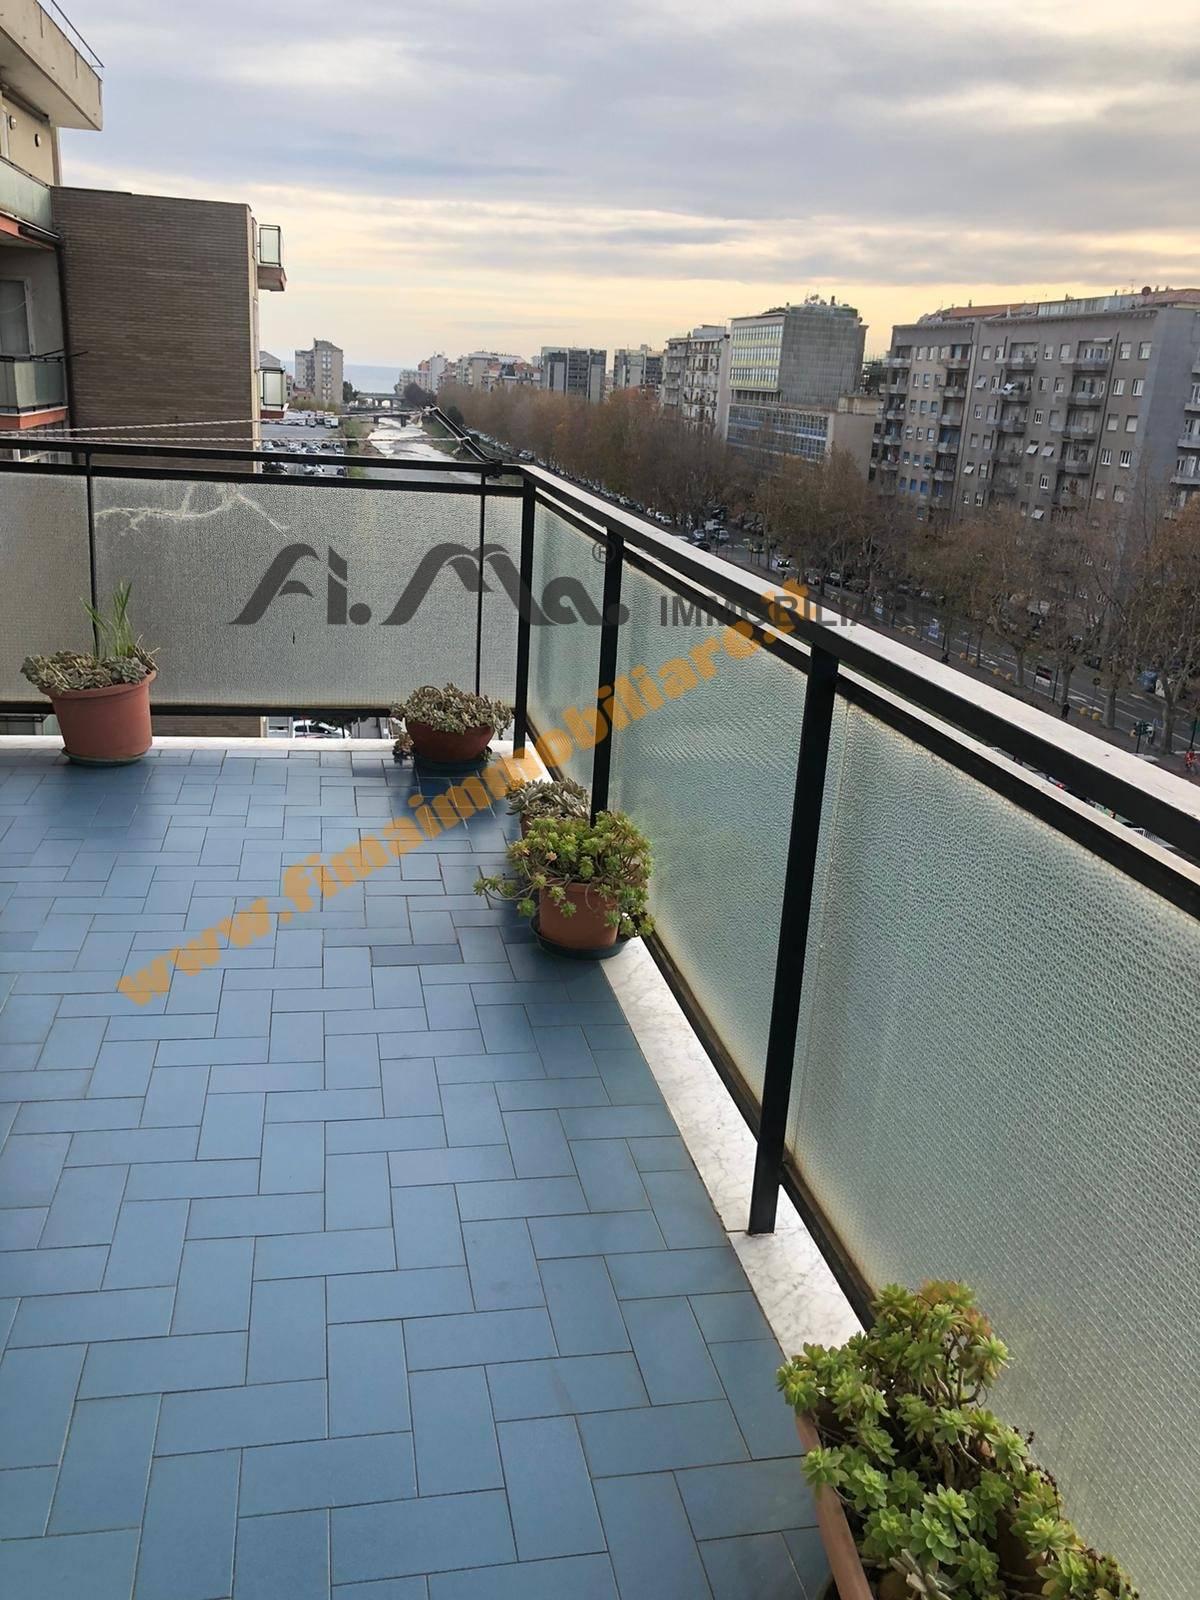 Appartamento in vendita a Savona, 4 locali, zona ro, prezzo € 225.000 | PortaleAgenzieImmobiliari.it